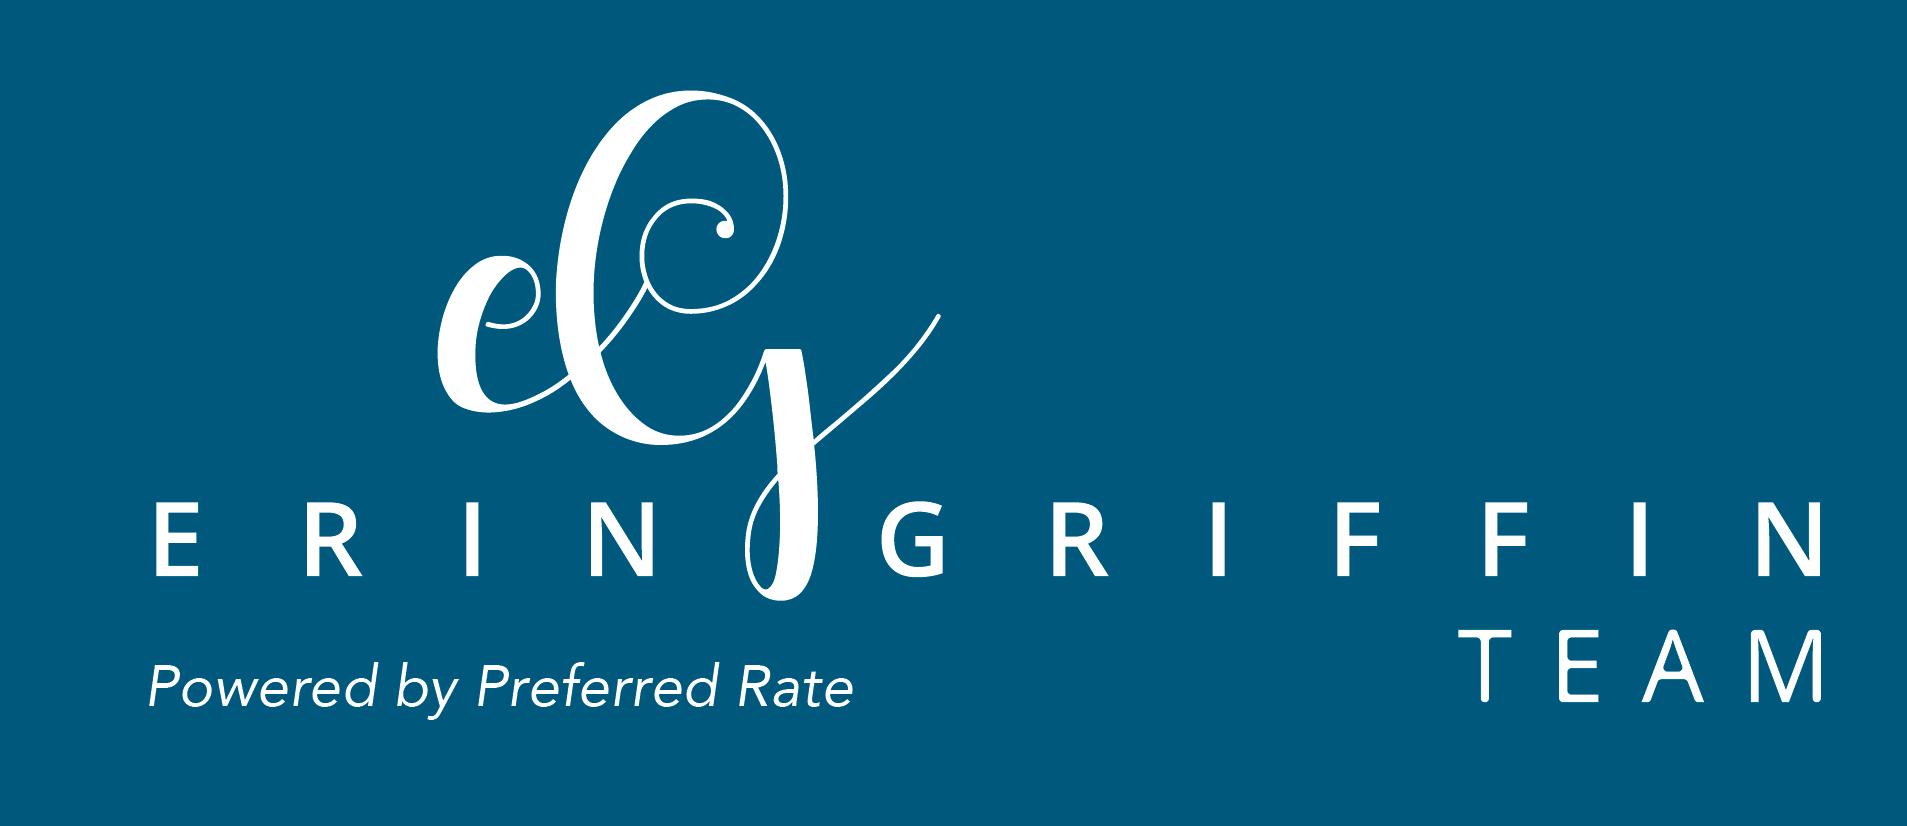 The Erin Griffin Team logo